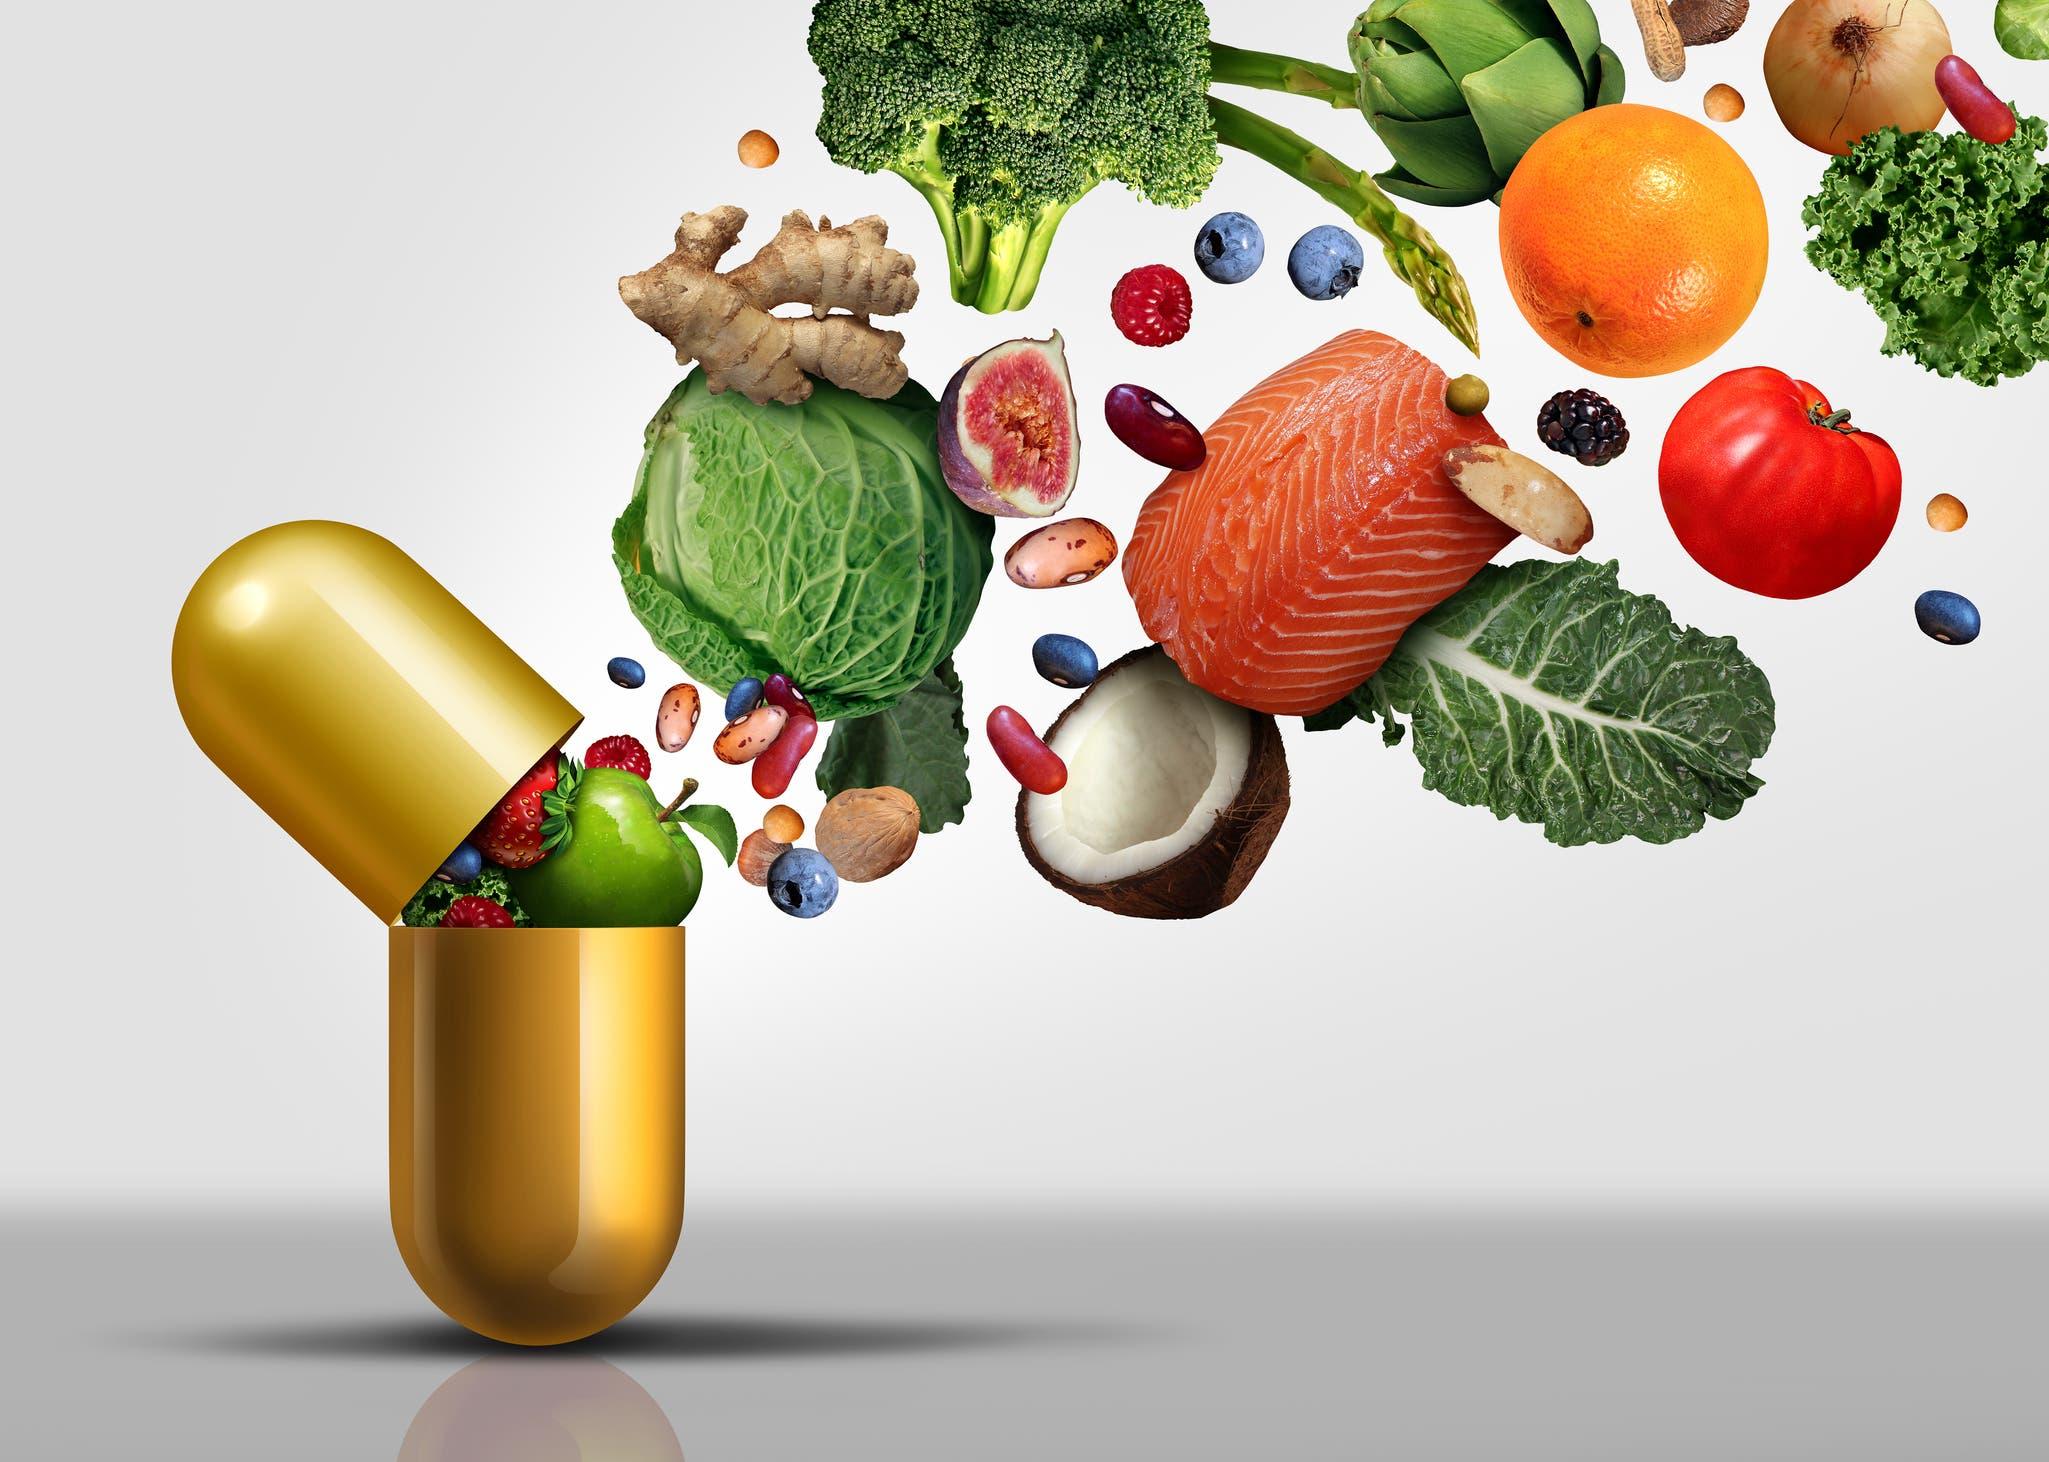 الخضار والفواكه والأسماك هي أهم مصادر الفيتامين